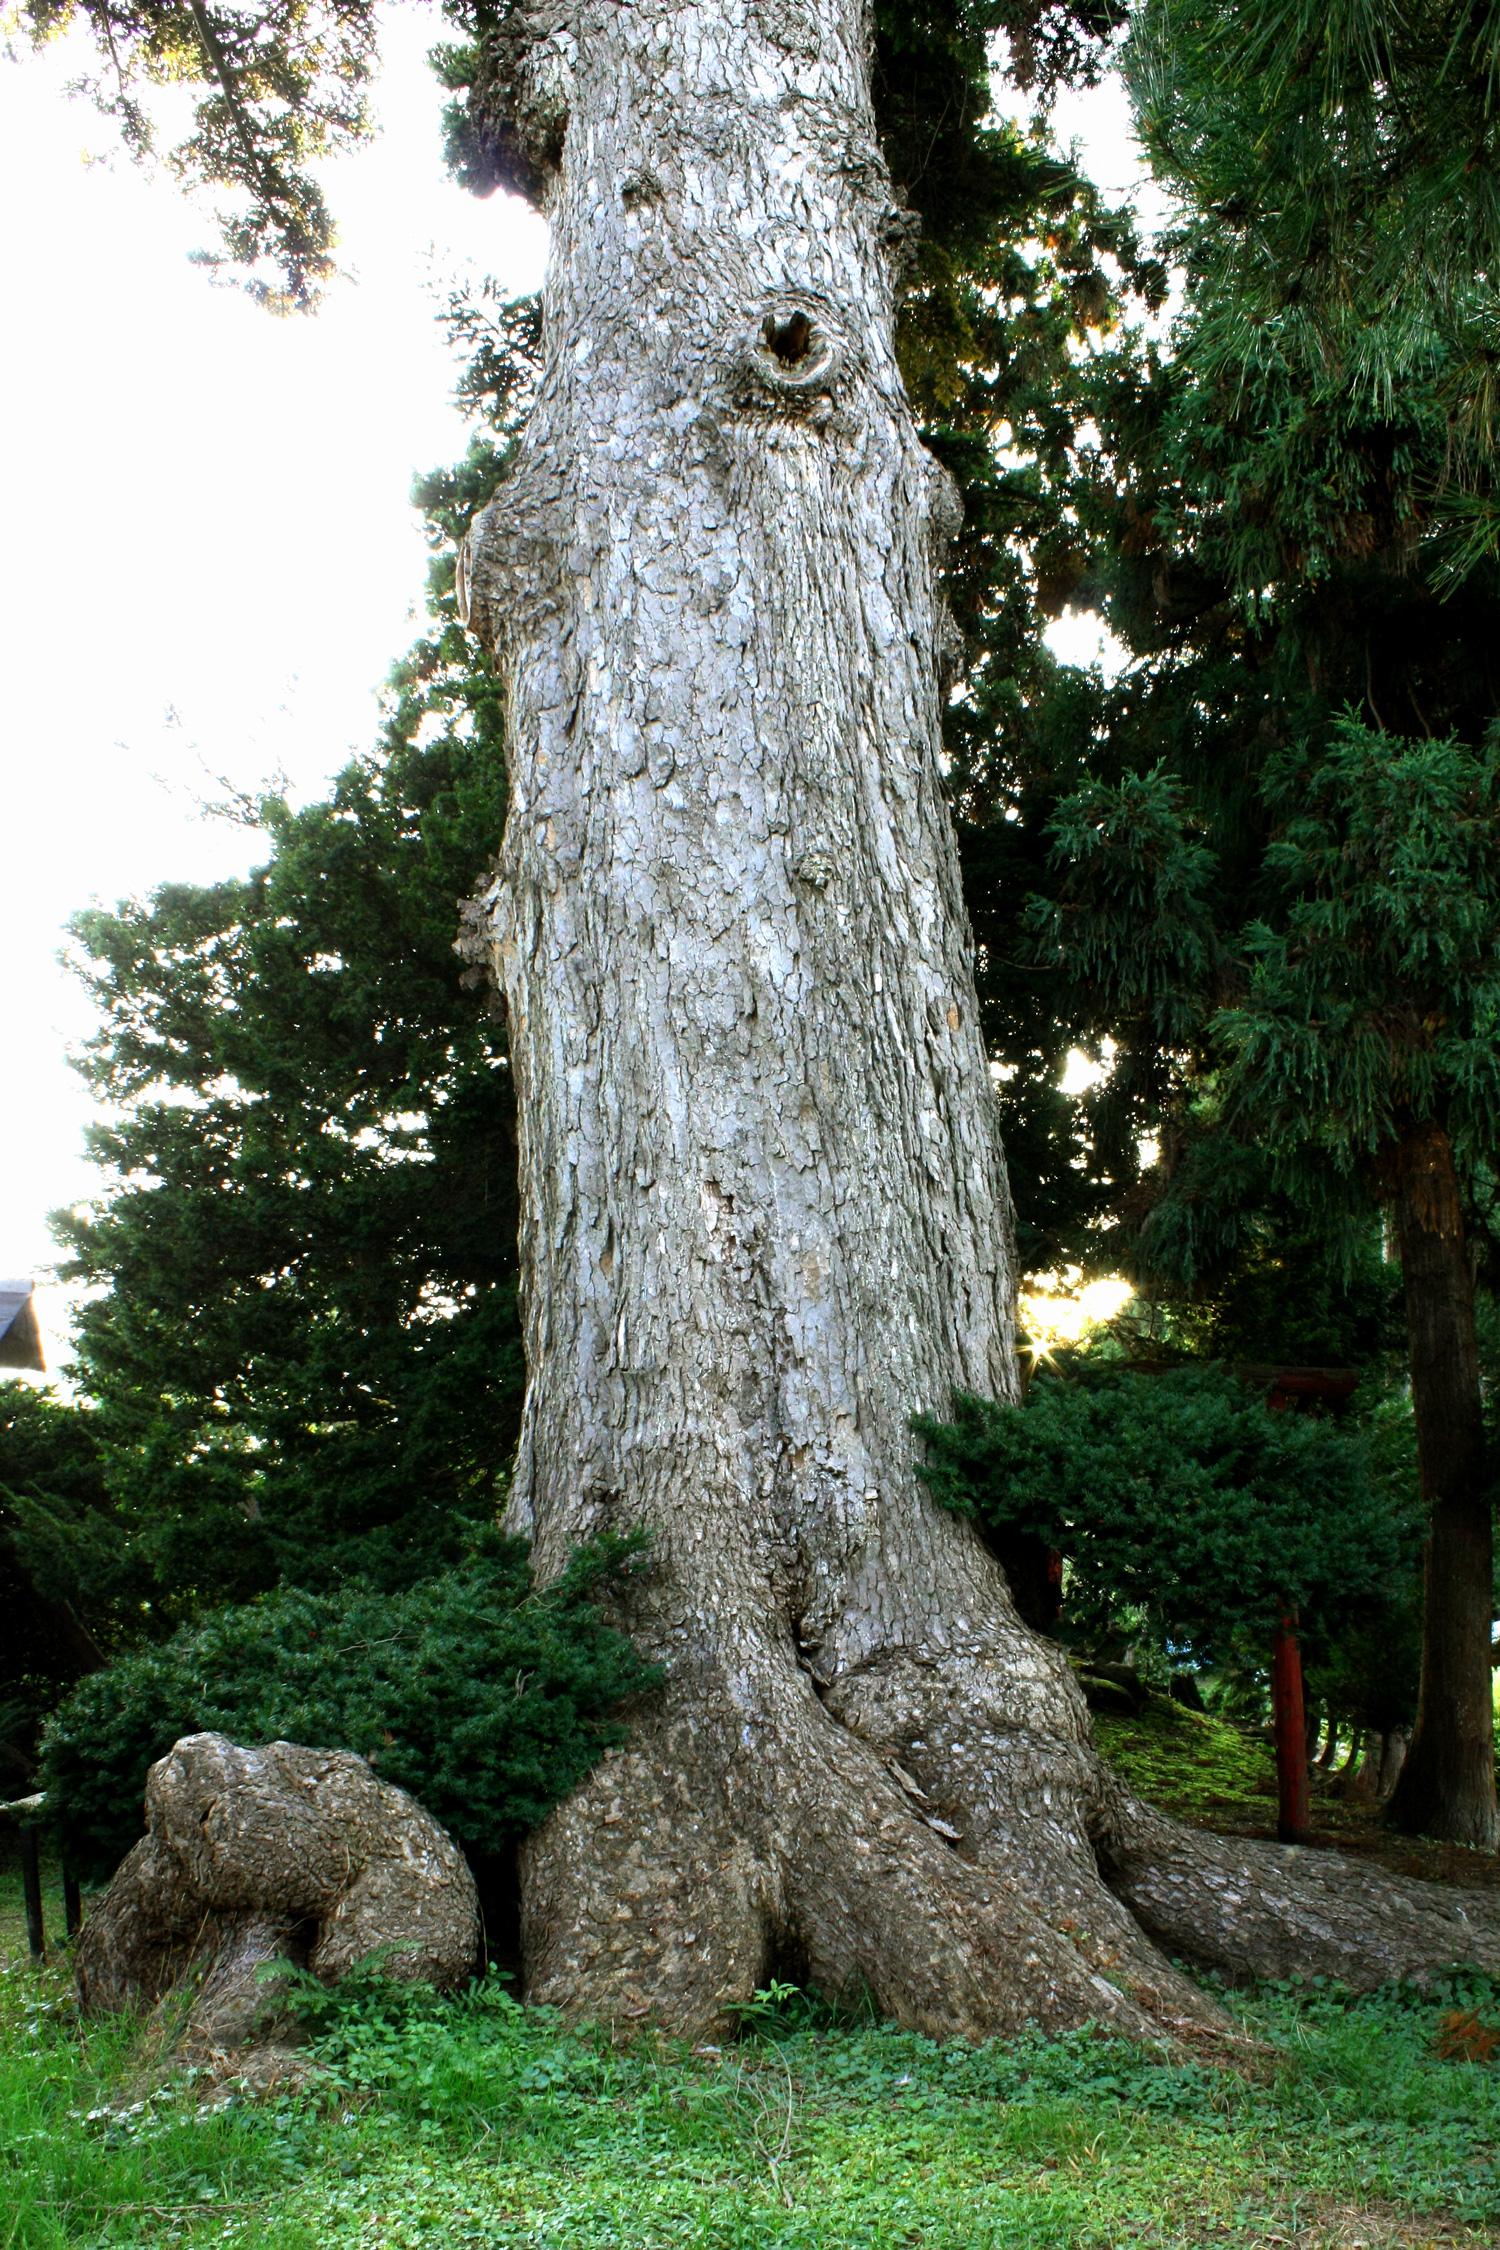 Todoroppo是眼平处树干为6米的日本冷杉